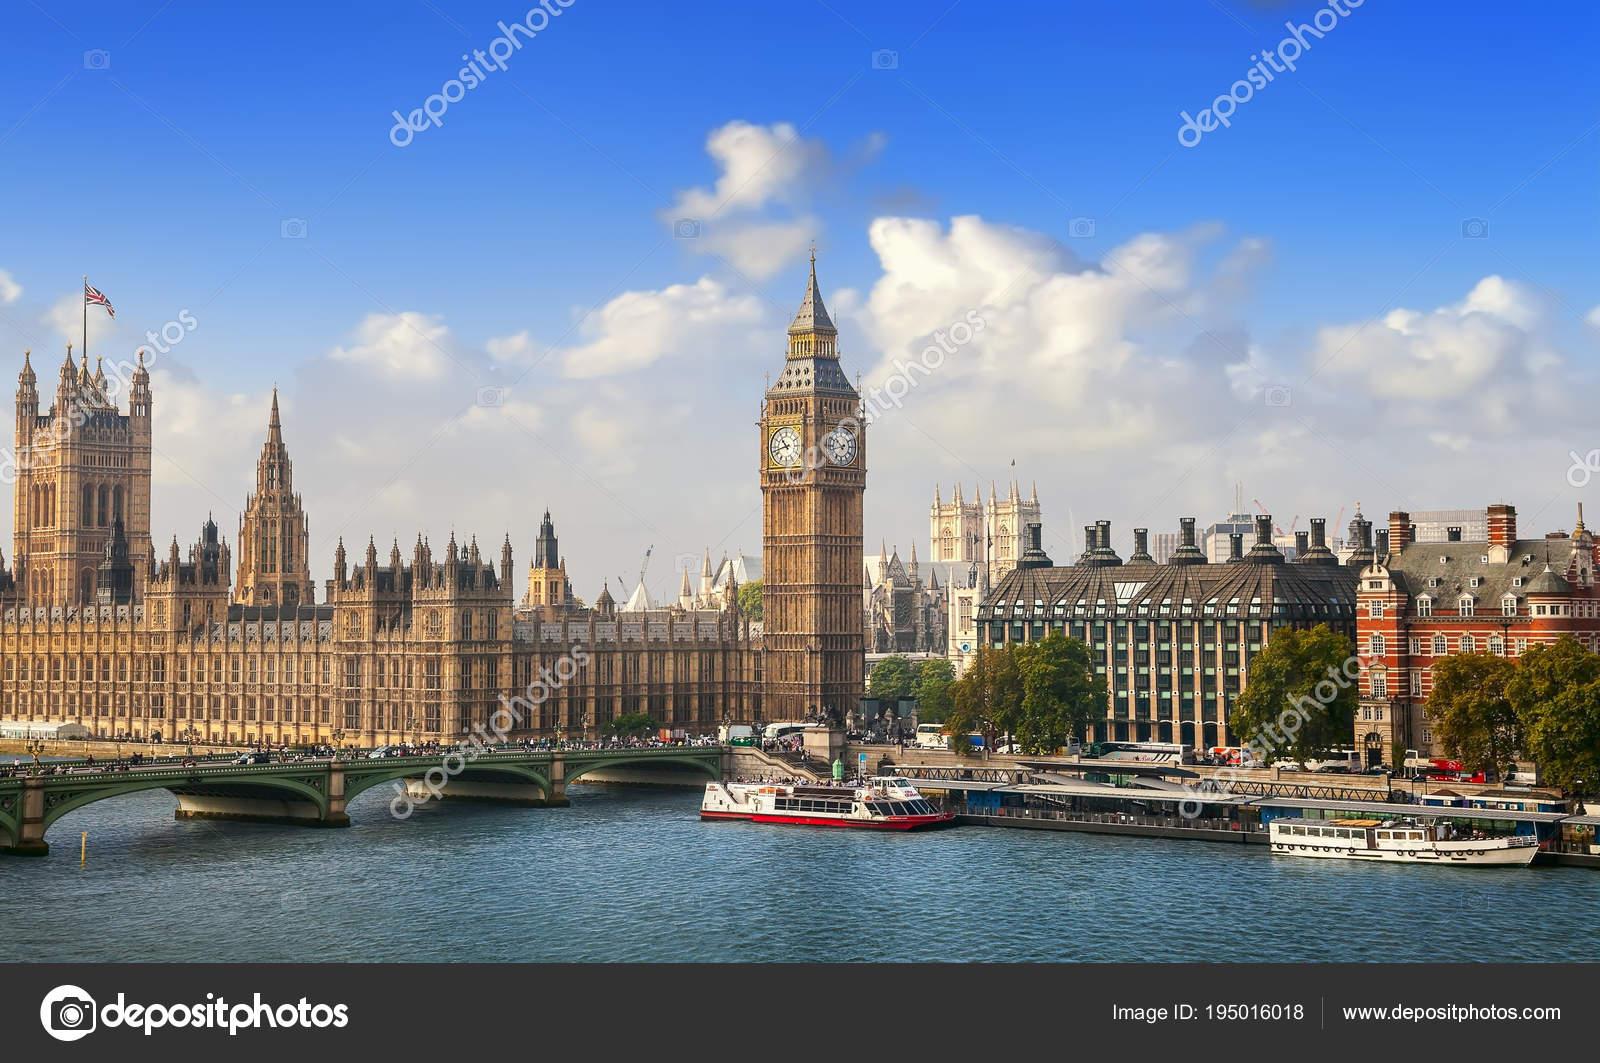 London September 2014 Big Ben House Parliament Westminster Bridge